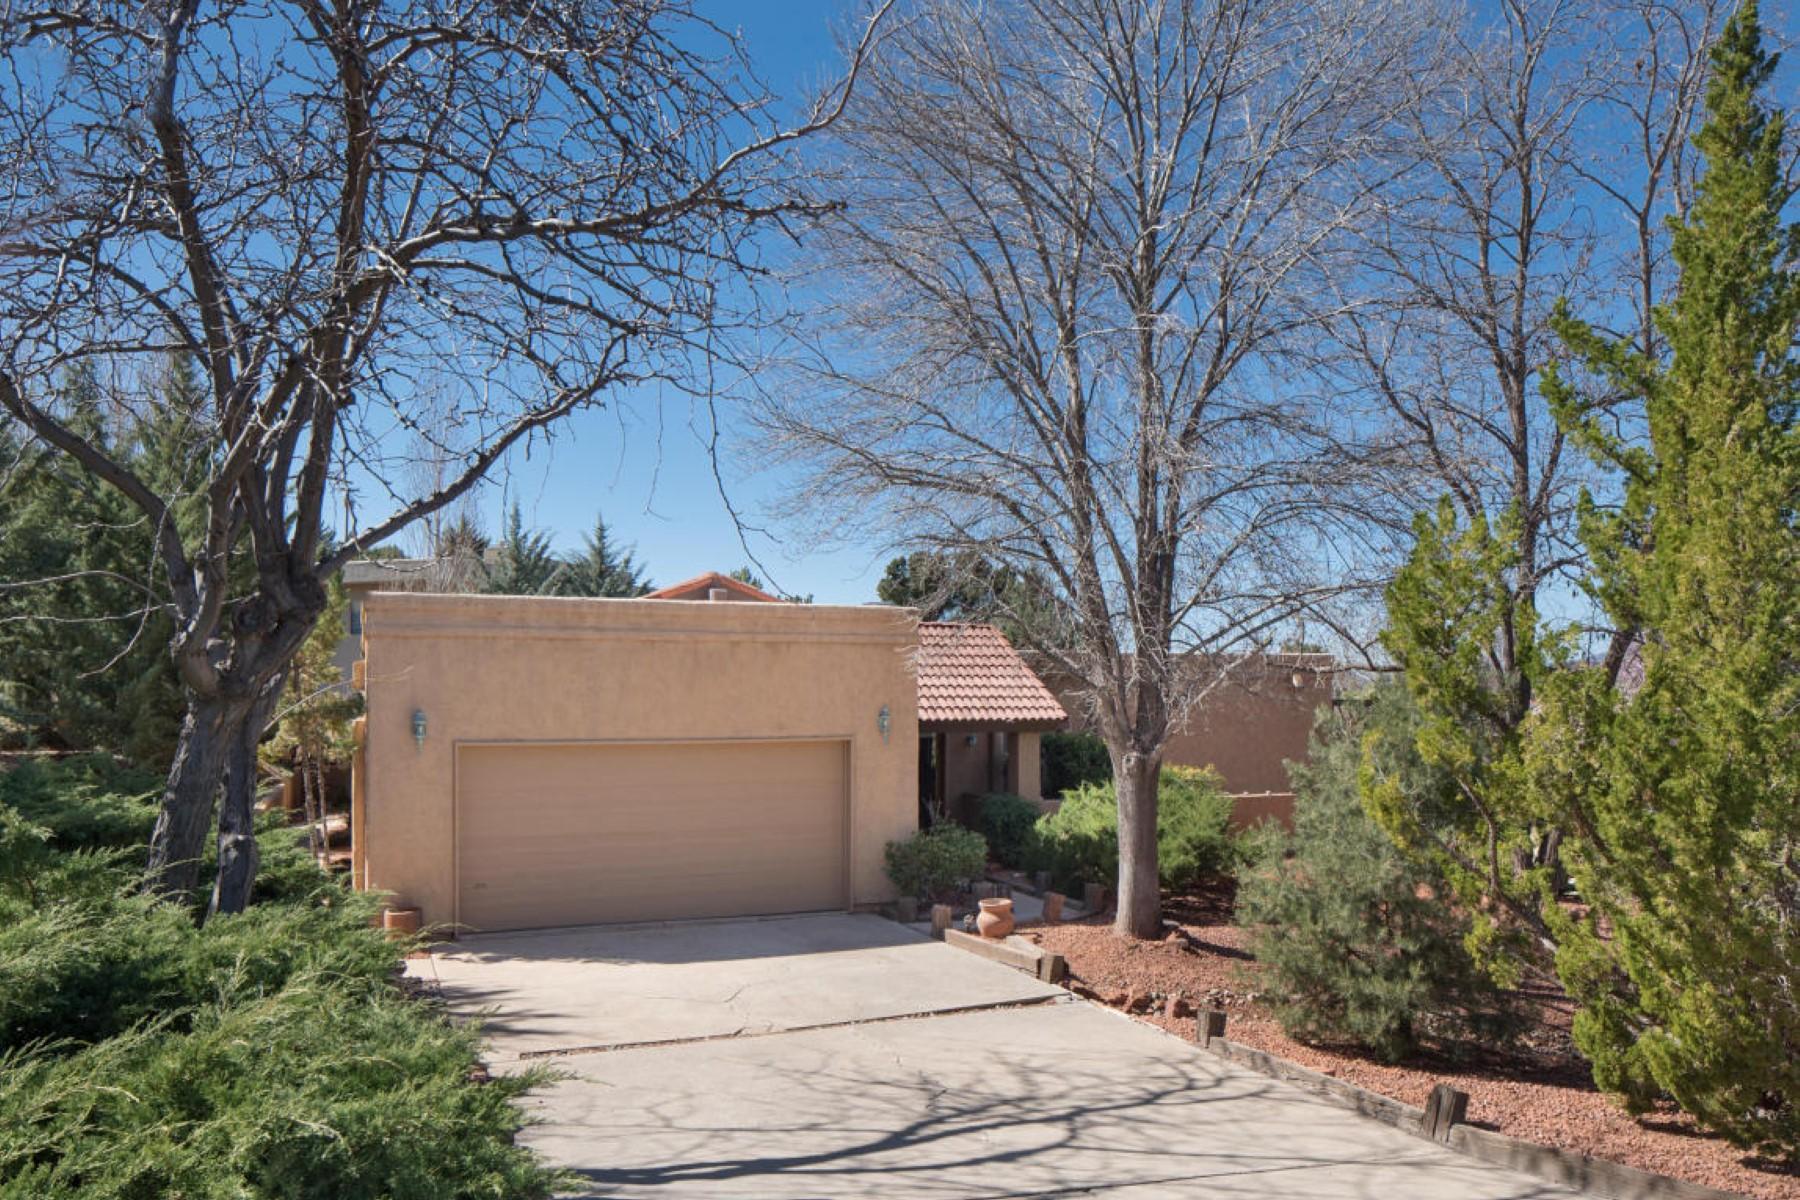 一戸建て のために 売買 アット Hidden gem in the heart of West Sedona 240 Rockridge Drive Sedona, アリゾナ, 86336 アメリカ合衆国